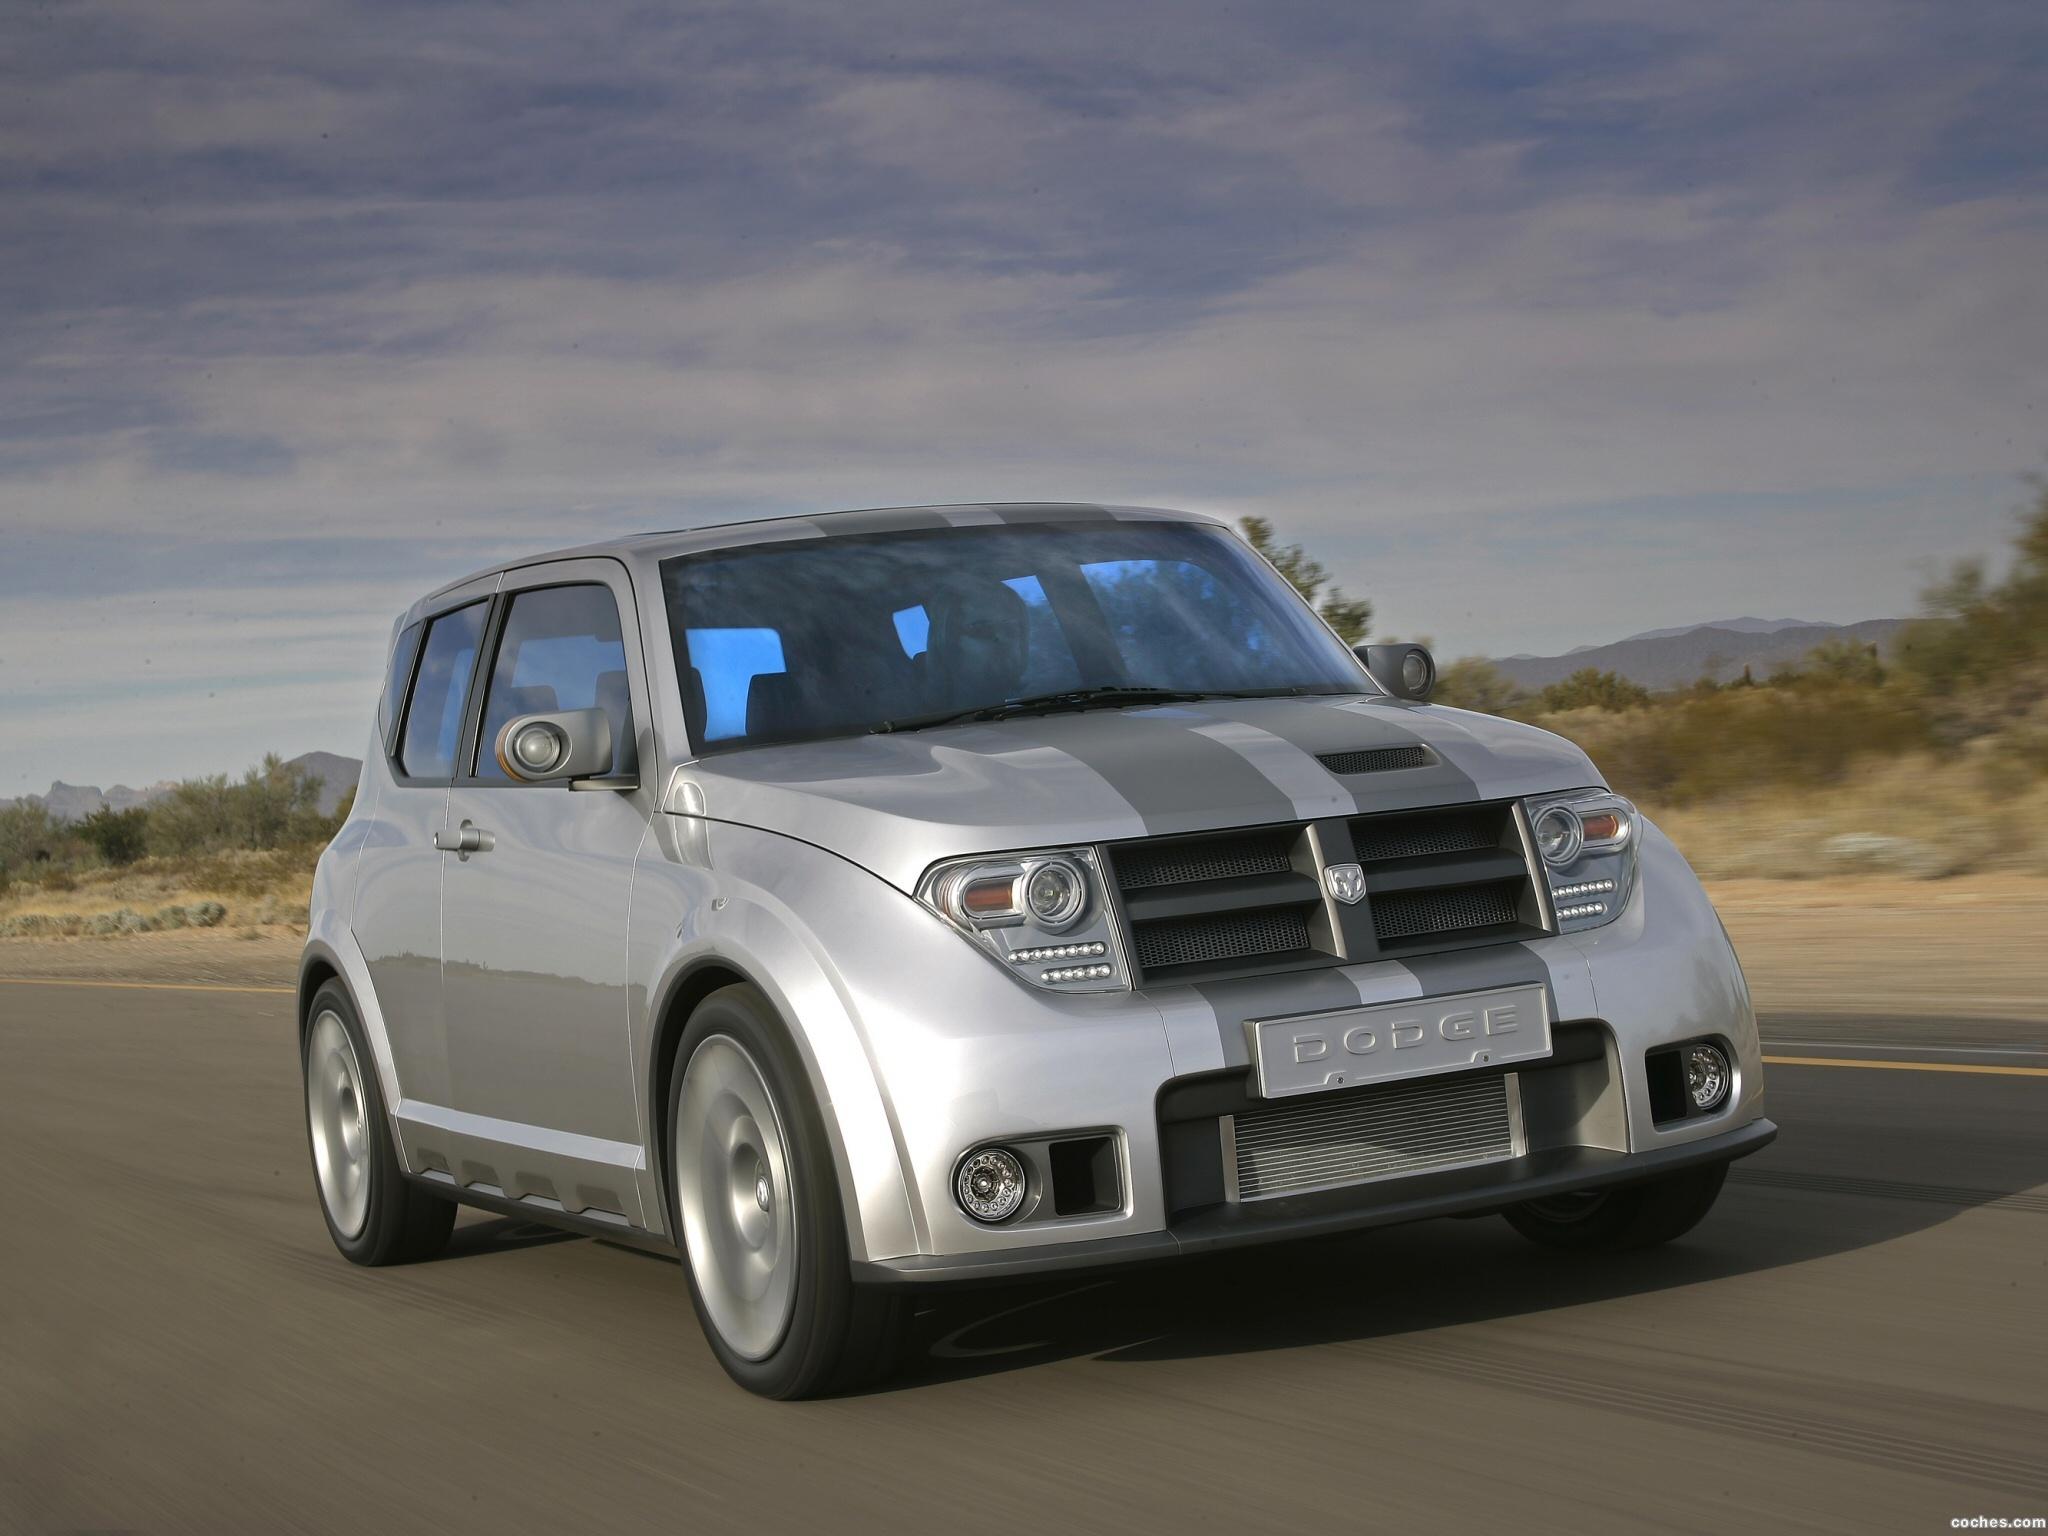 Foto 6 de Dodge Hornet Concept 2006